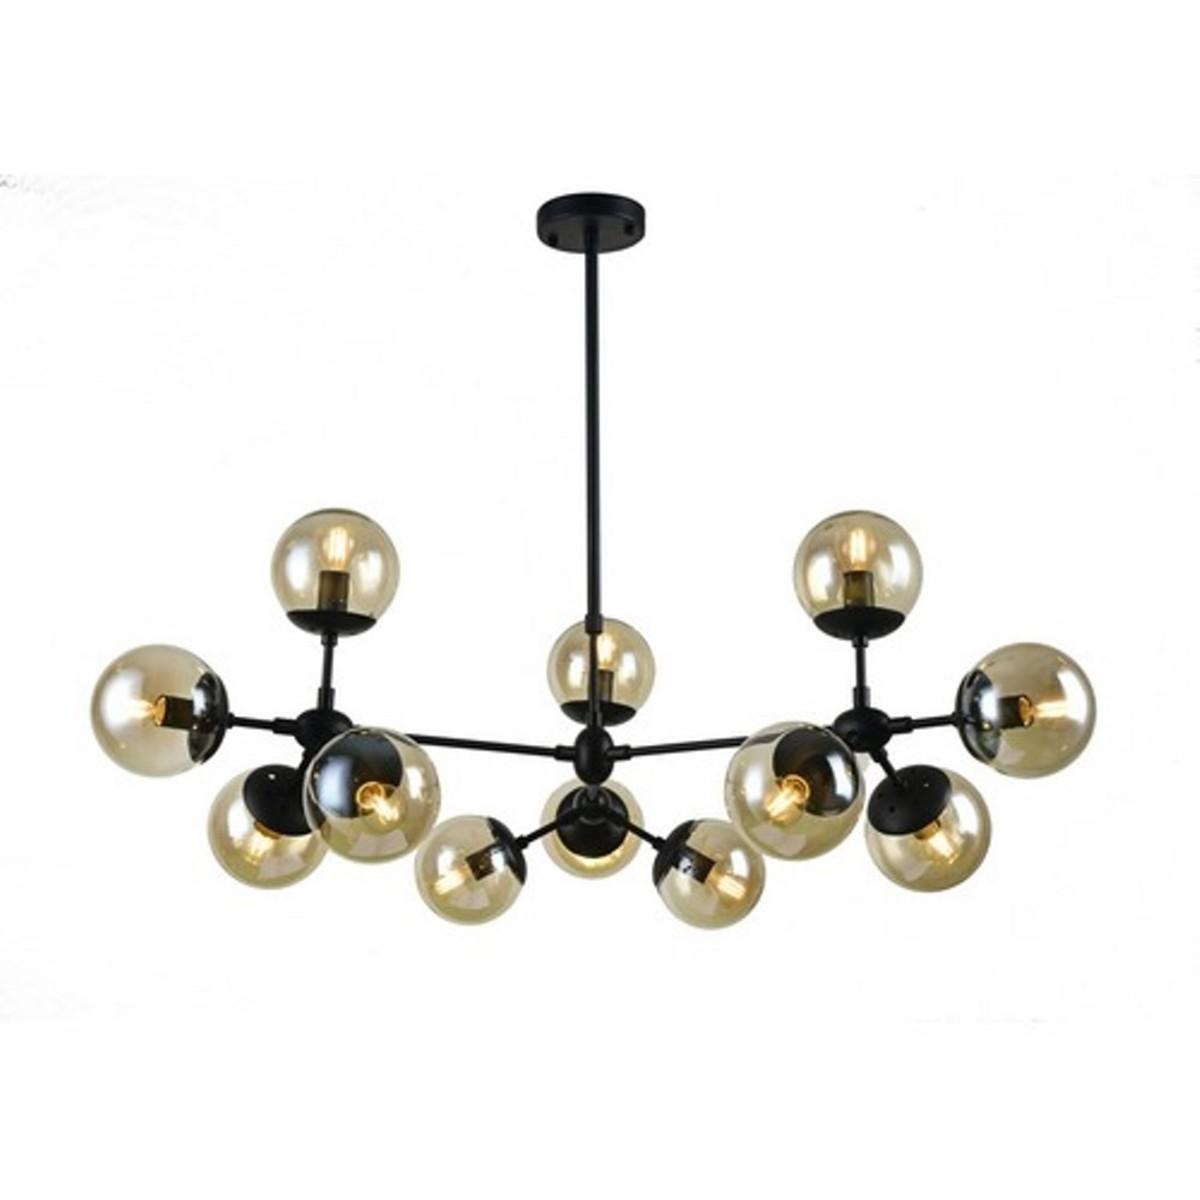 Люстра Arte Lamp Bolla A1664SP-12BK E14 12 ламп